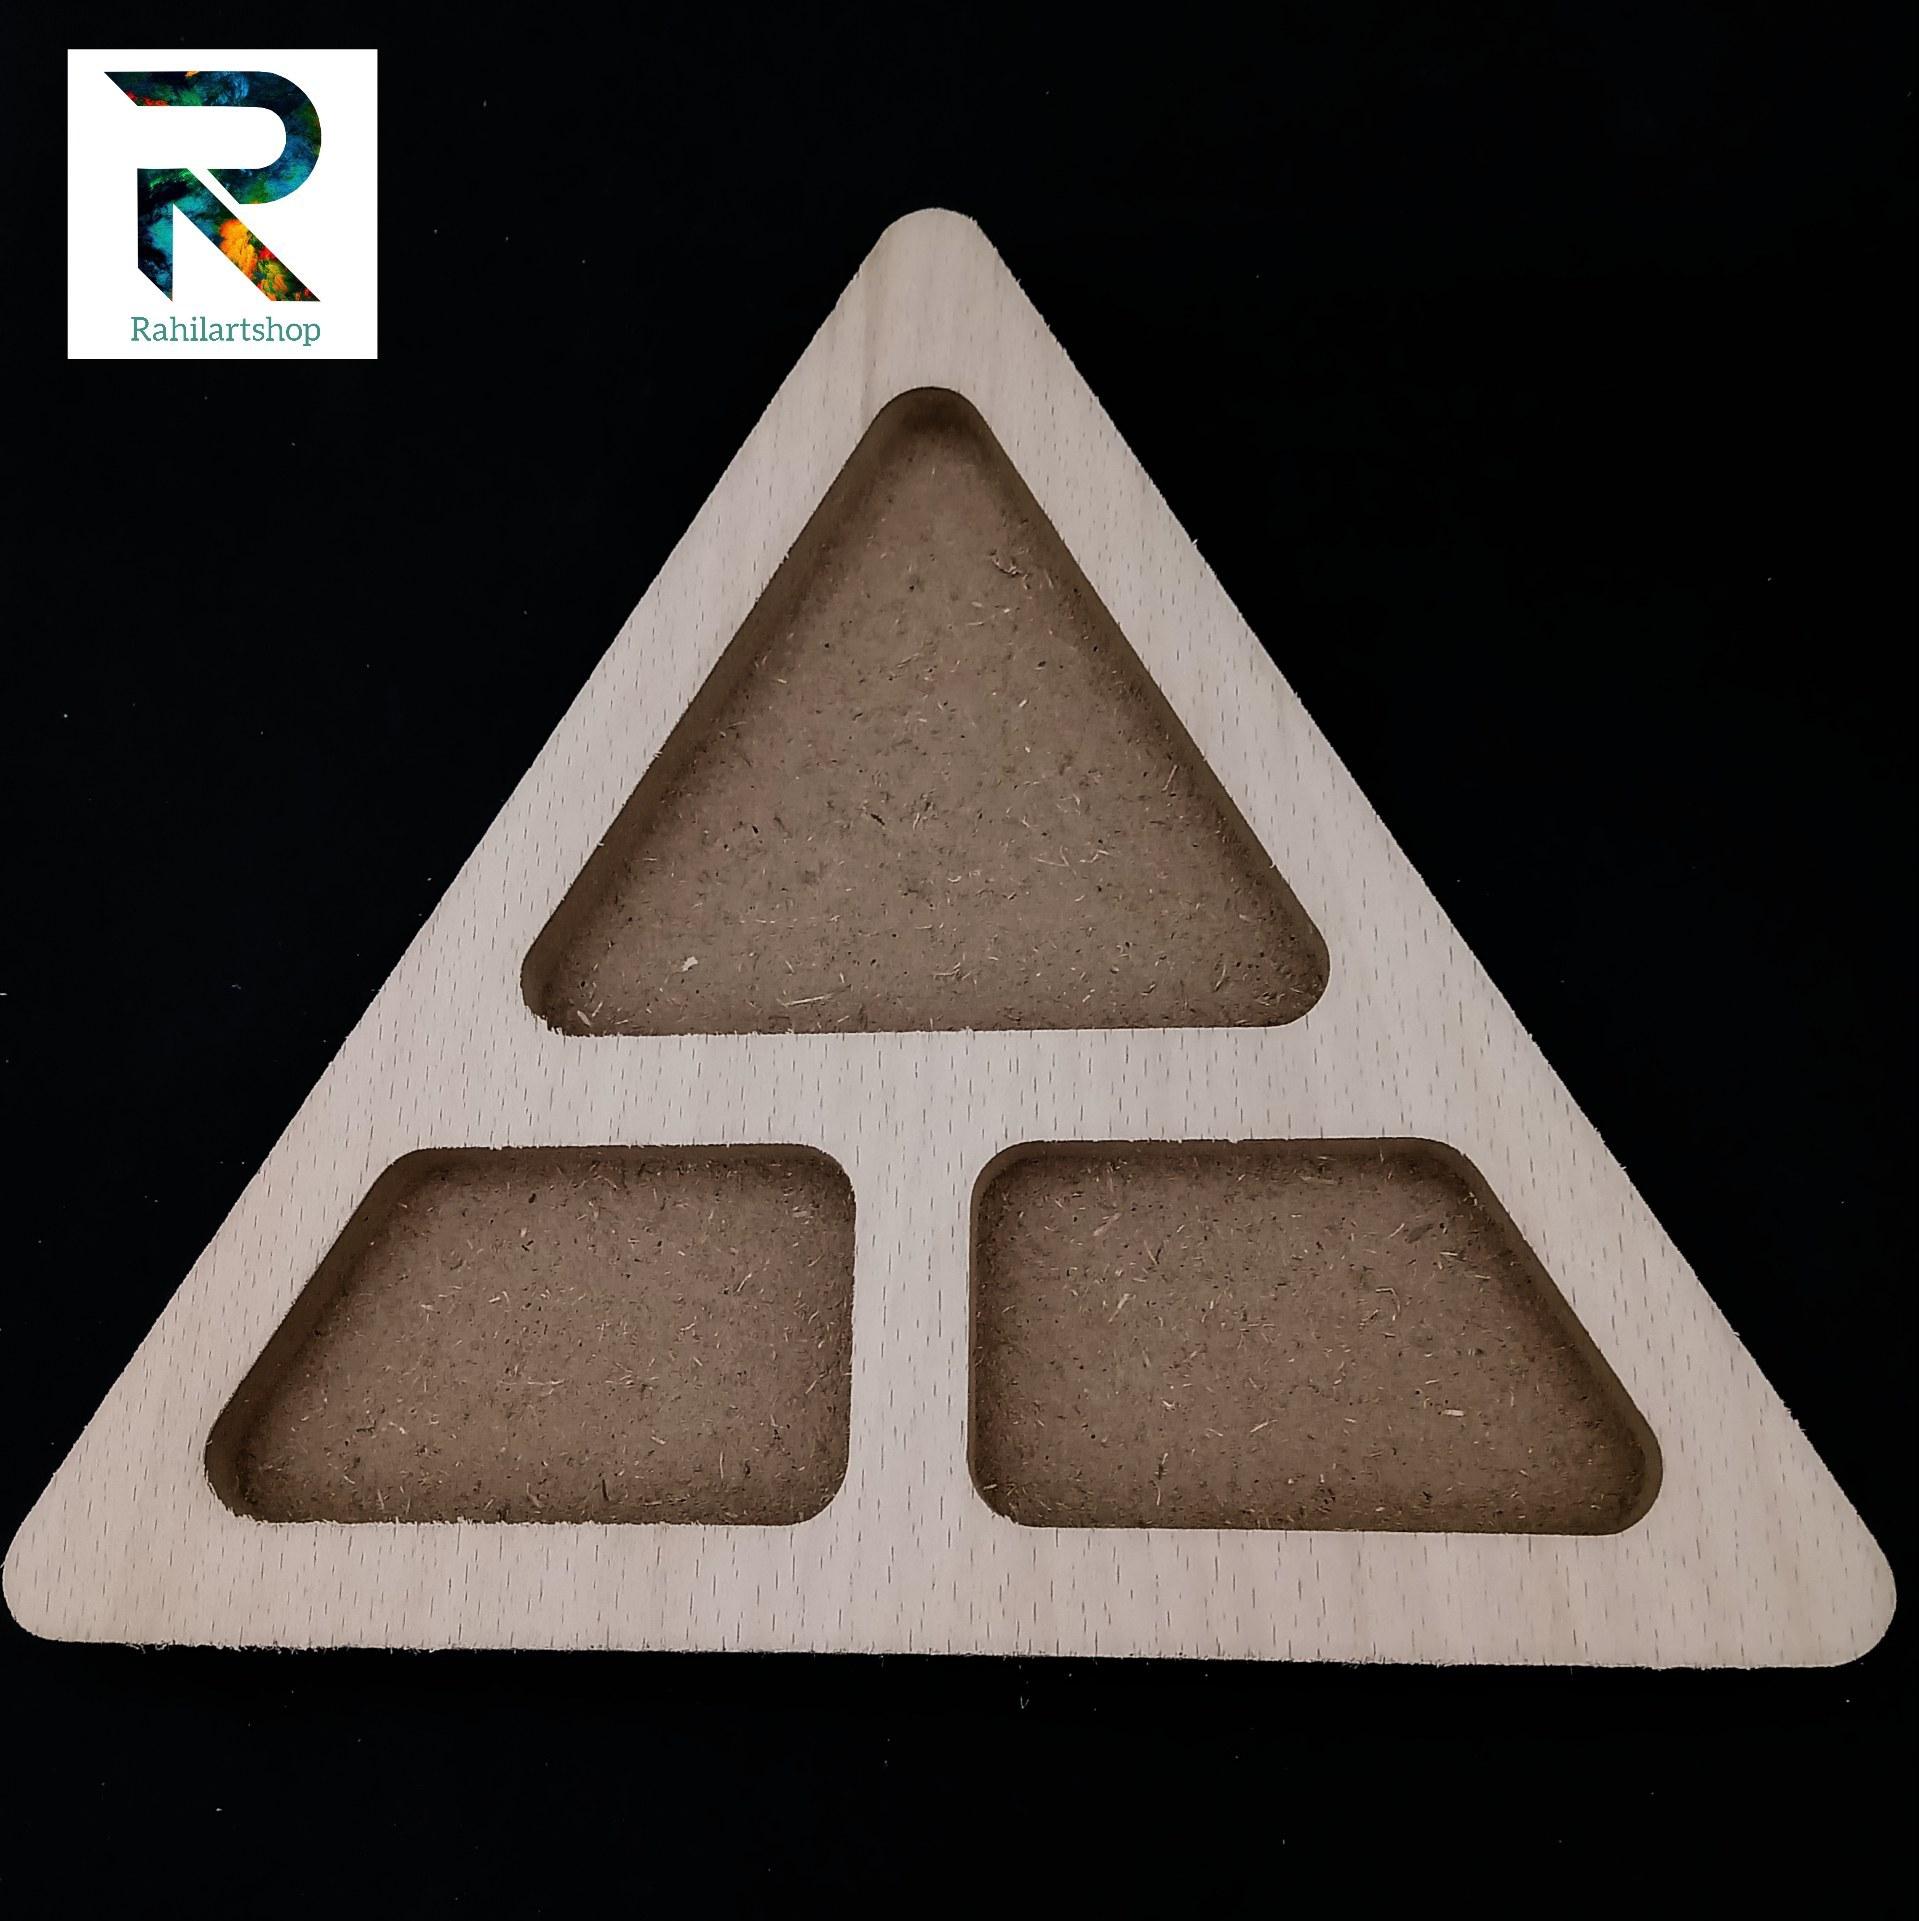 تصویر اردورخوری مثلث